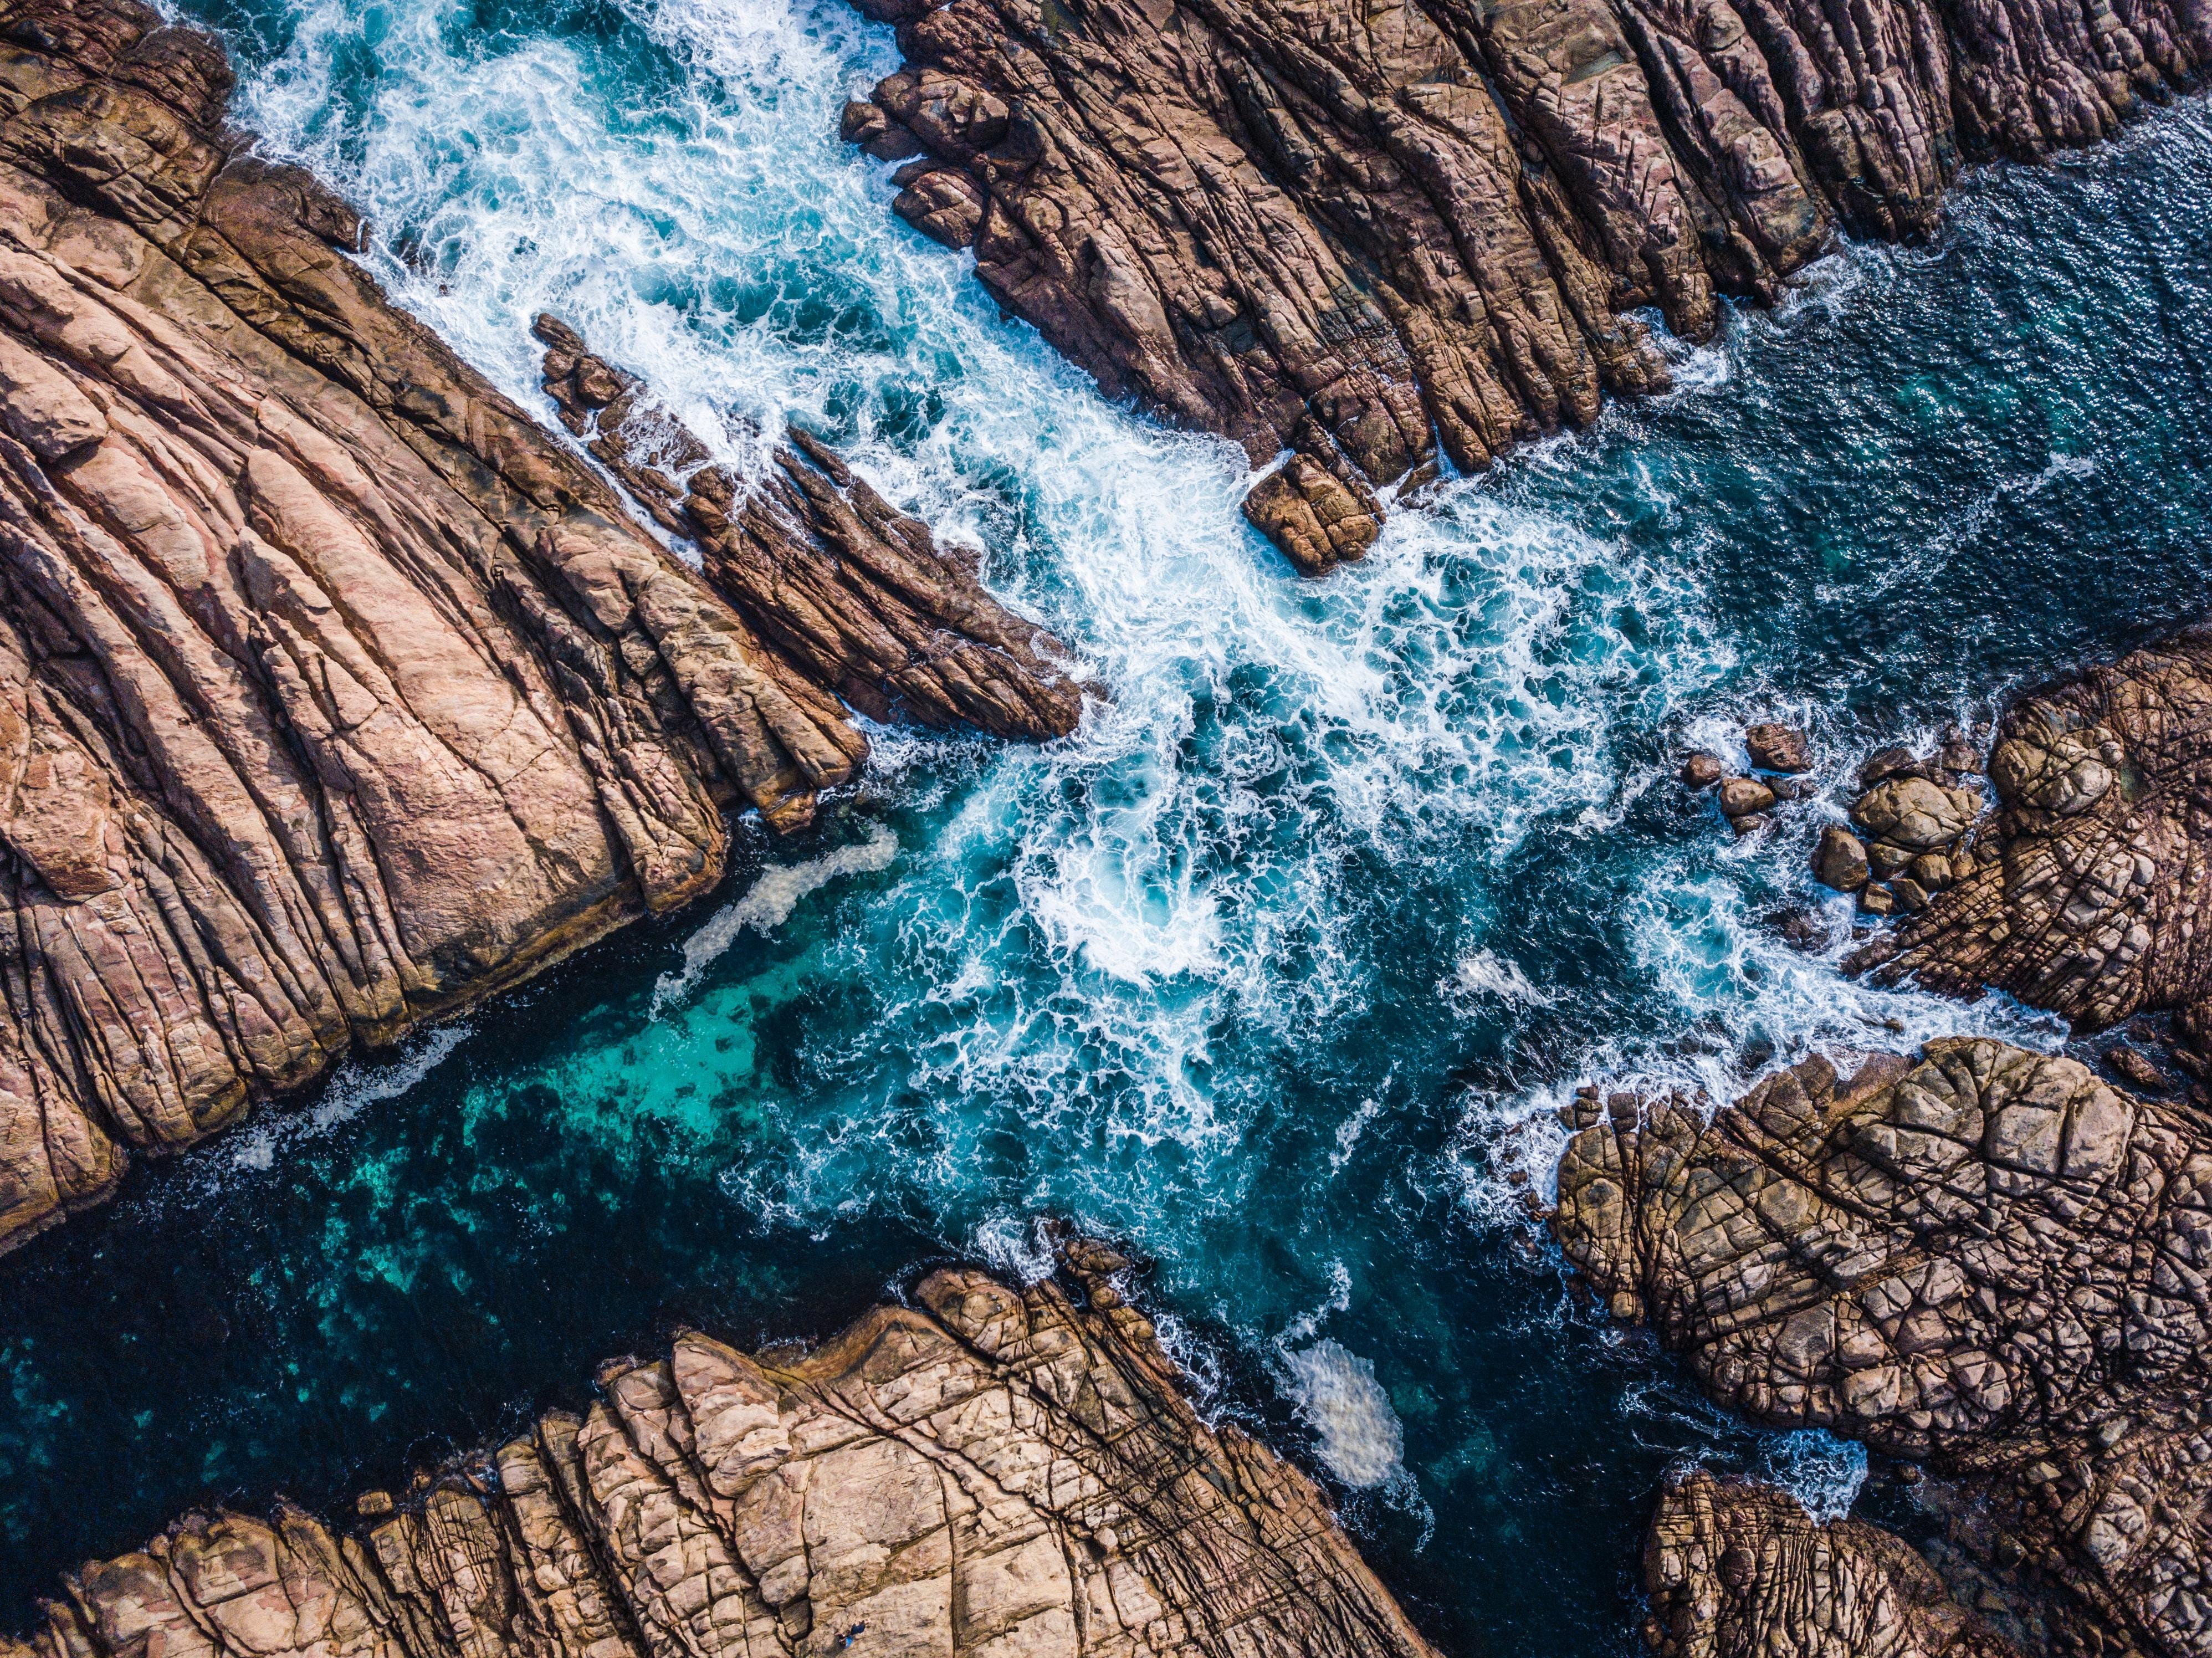 137649 Заставки и Обои Вода на телефон. Скачать Вода, Природа, Скалы, Прибой, Австралия, Канал картинки бесплатно